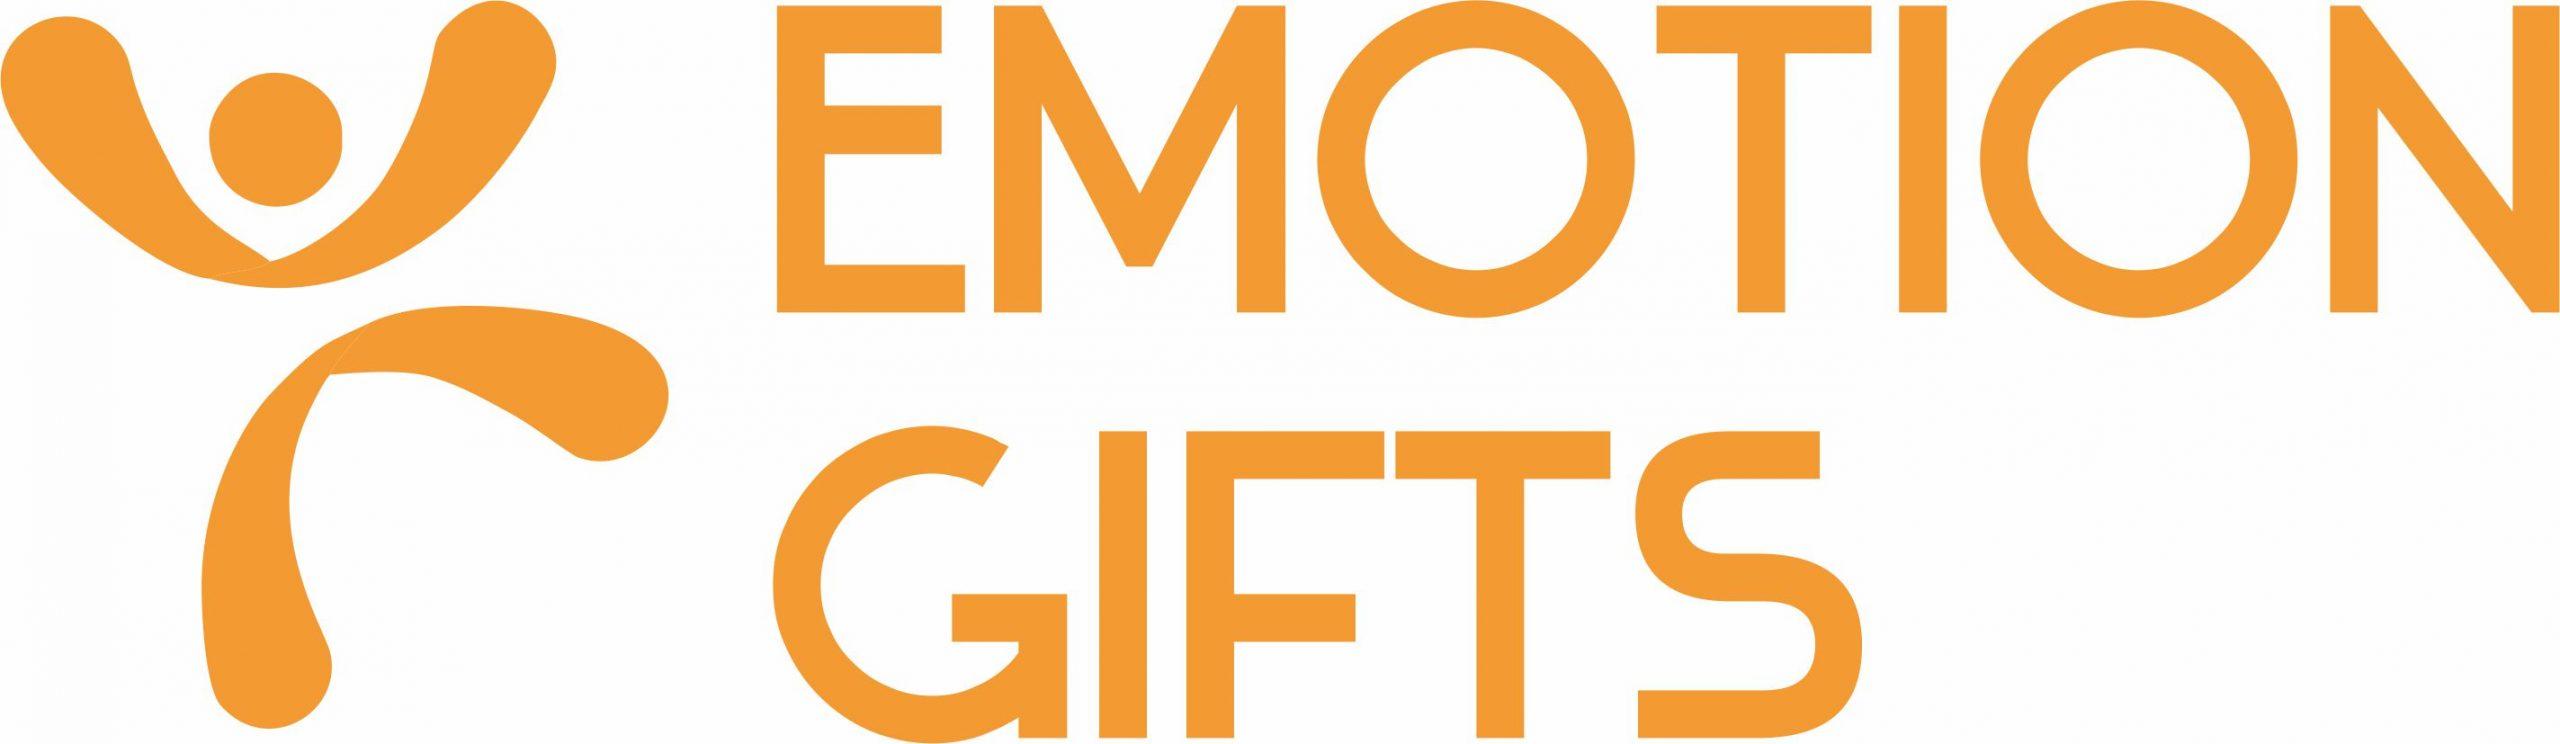 логотип компании Emotion Gifts Севастополь